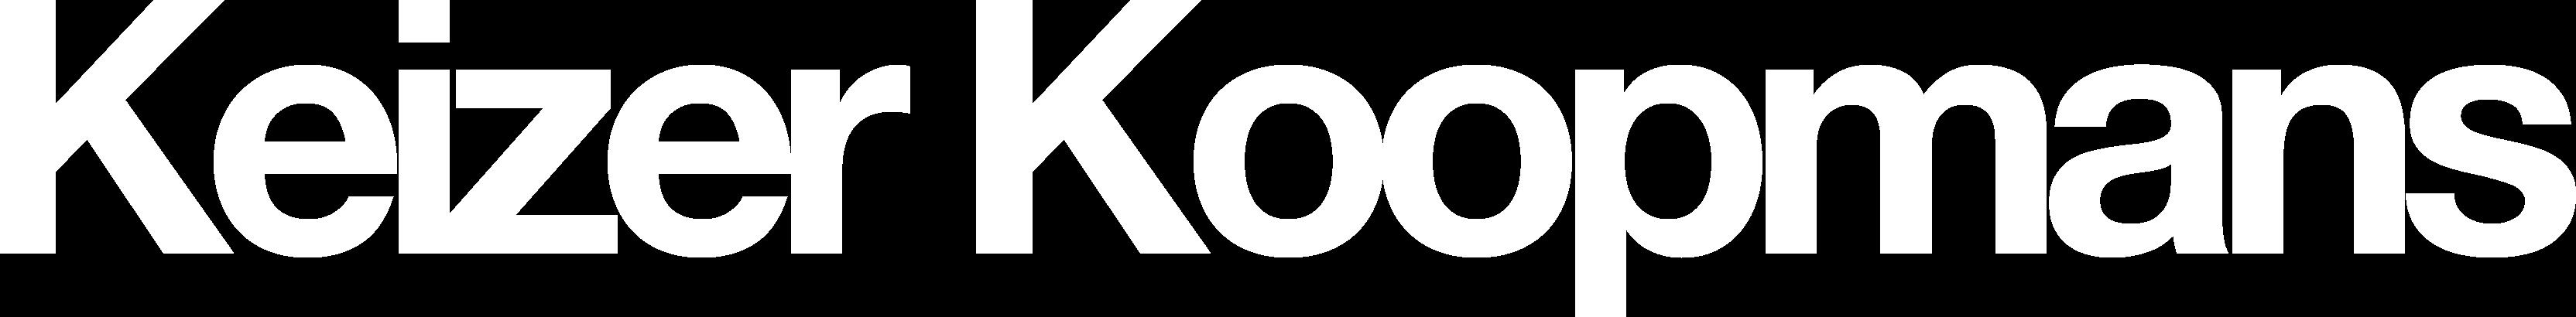 Keizer Koopmans